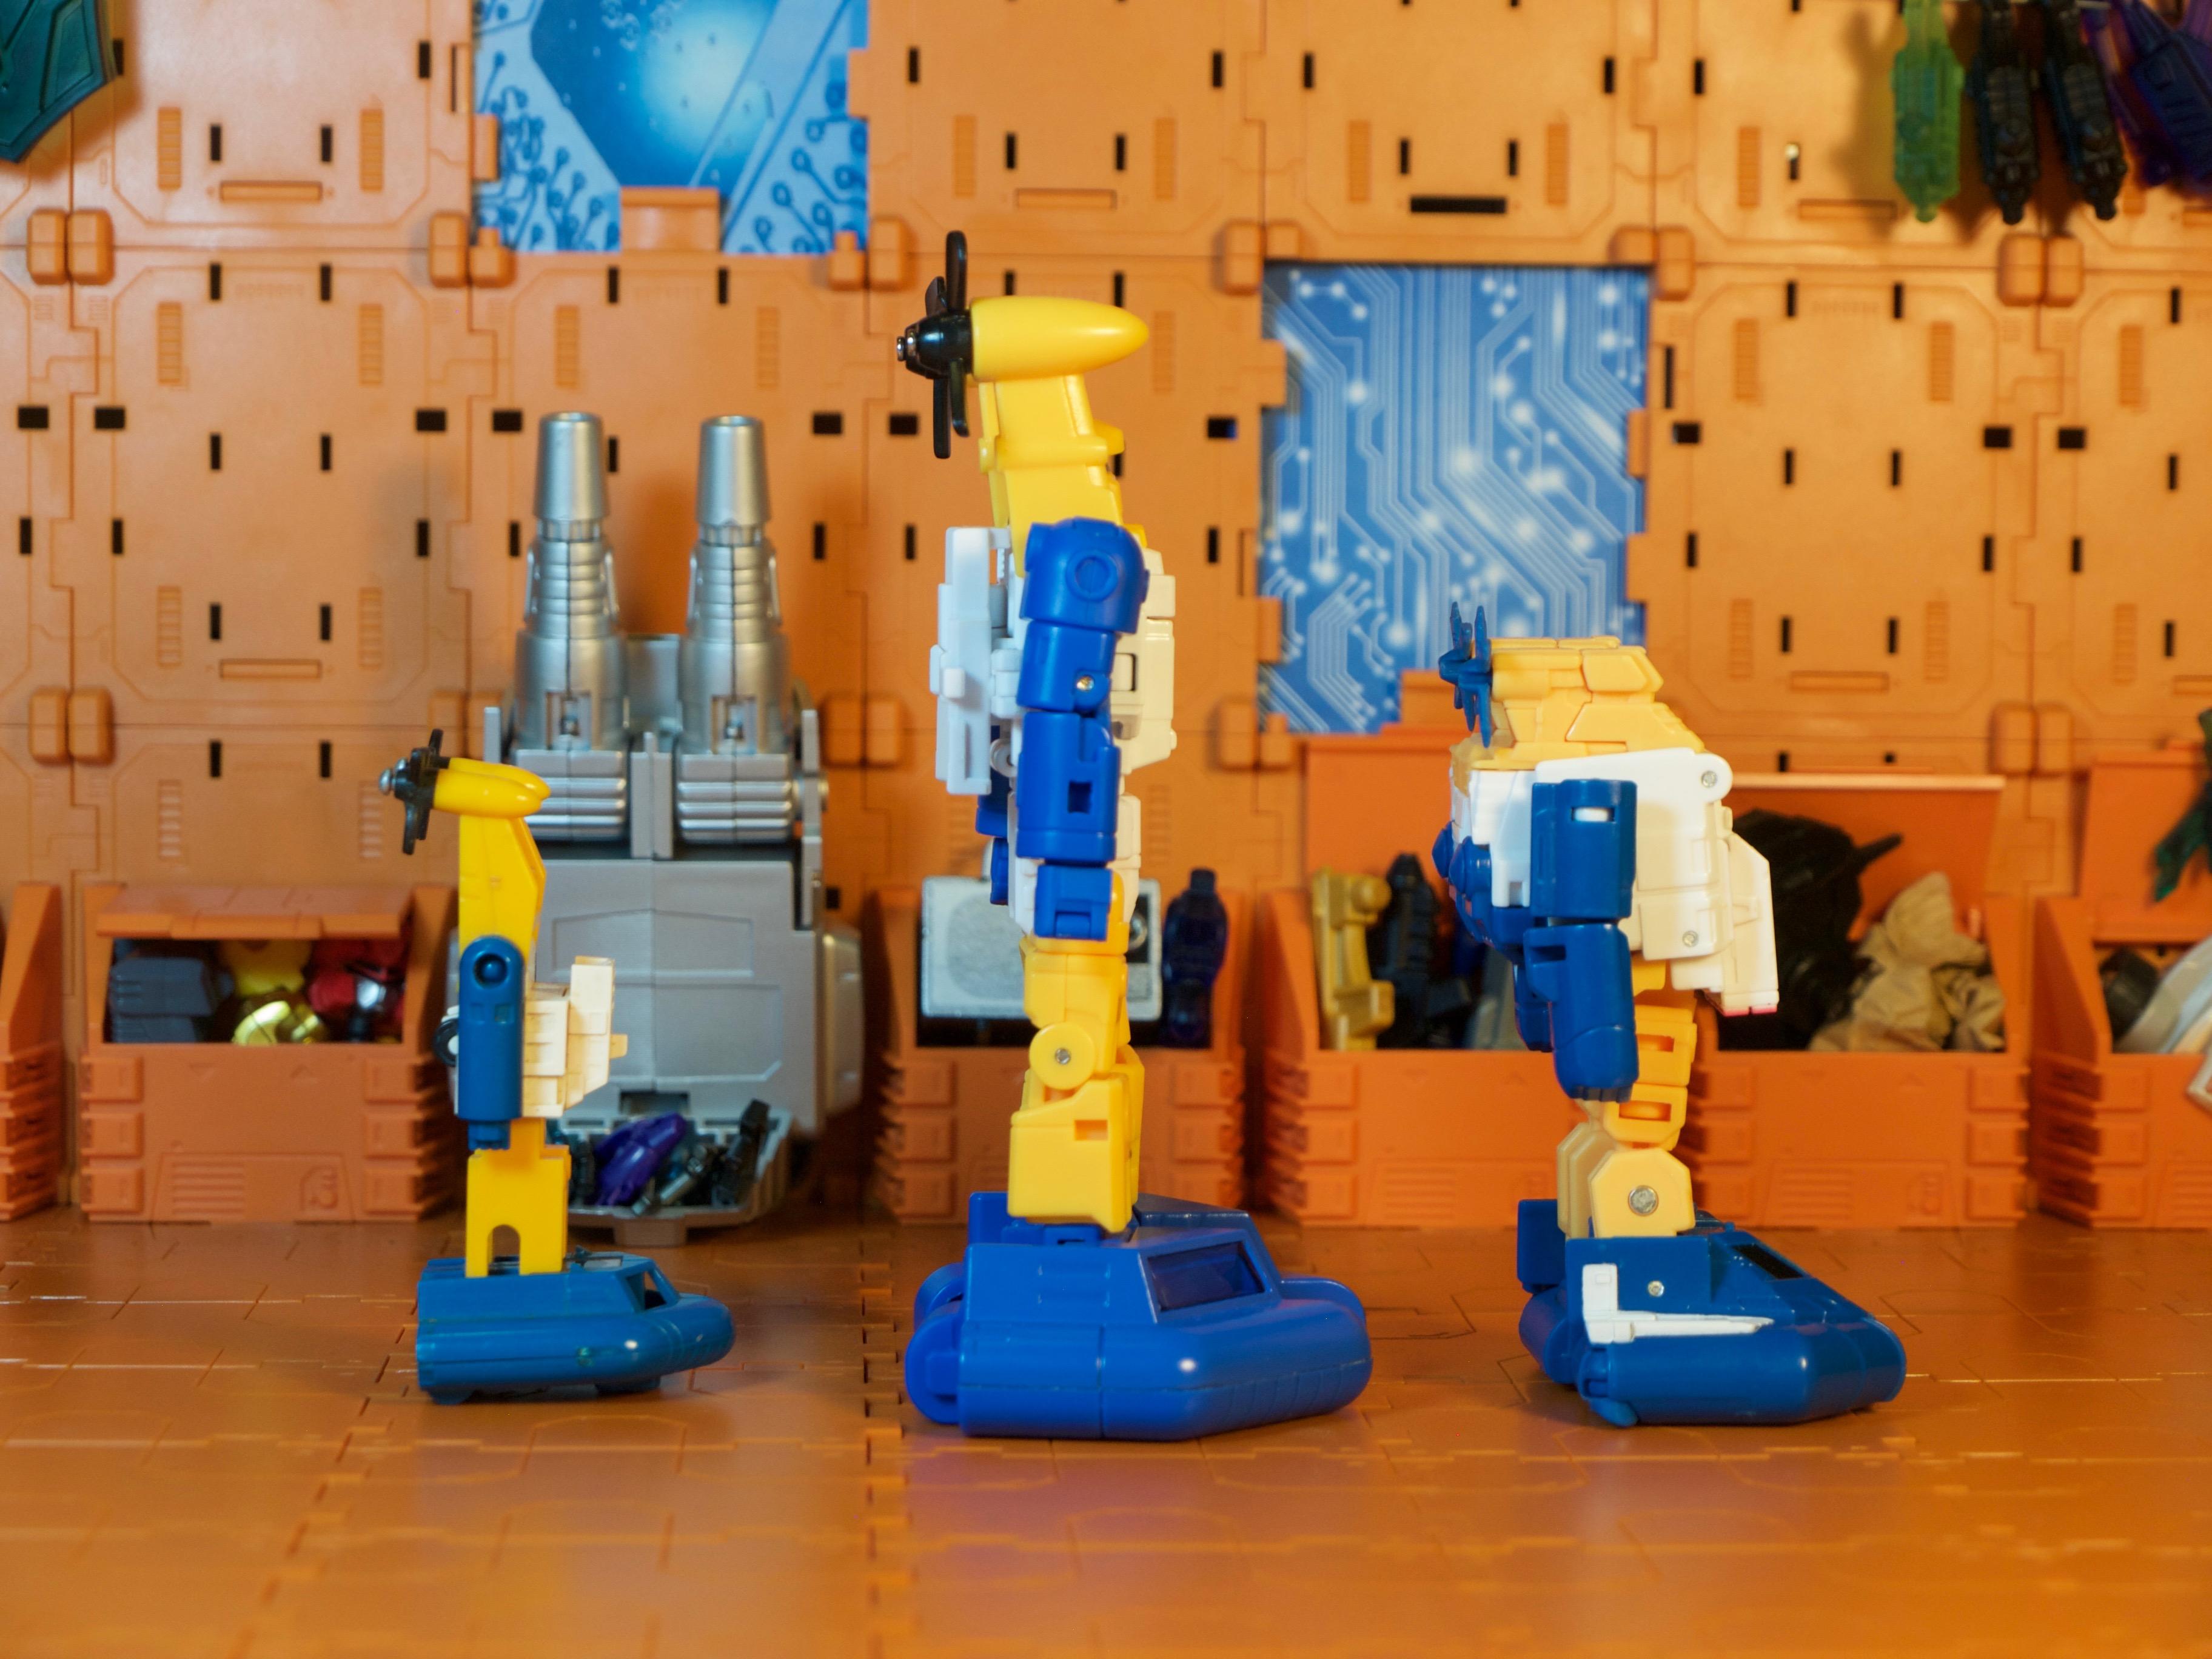 Spindrift robot comparison side